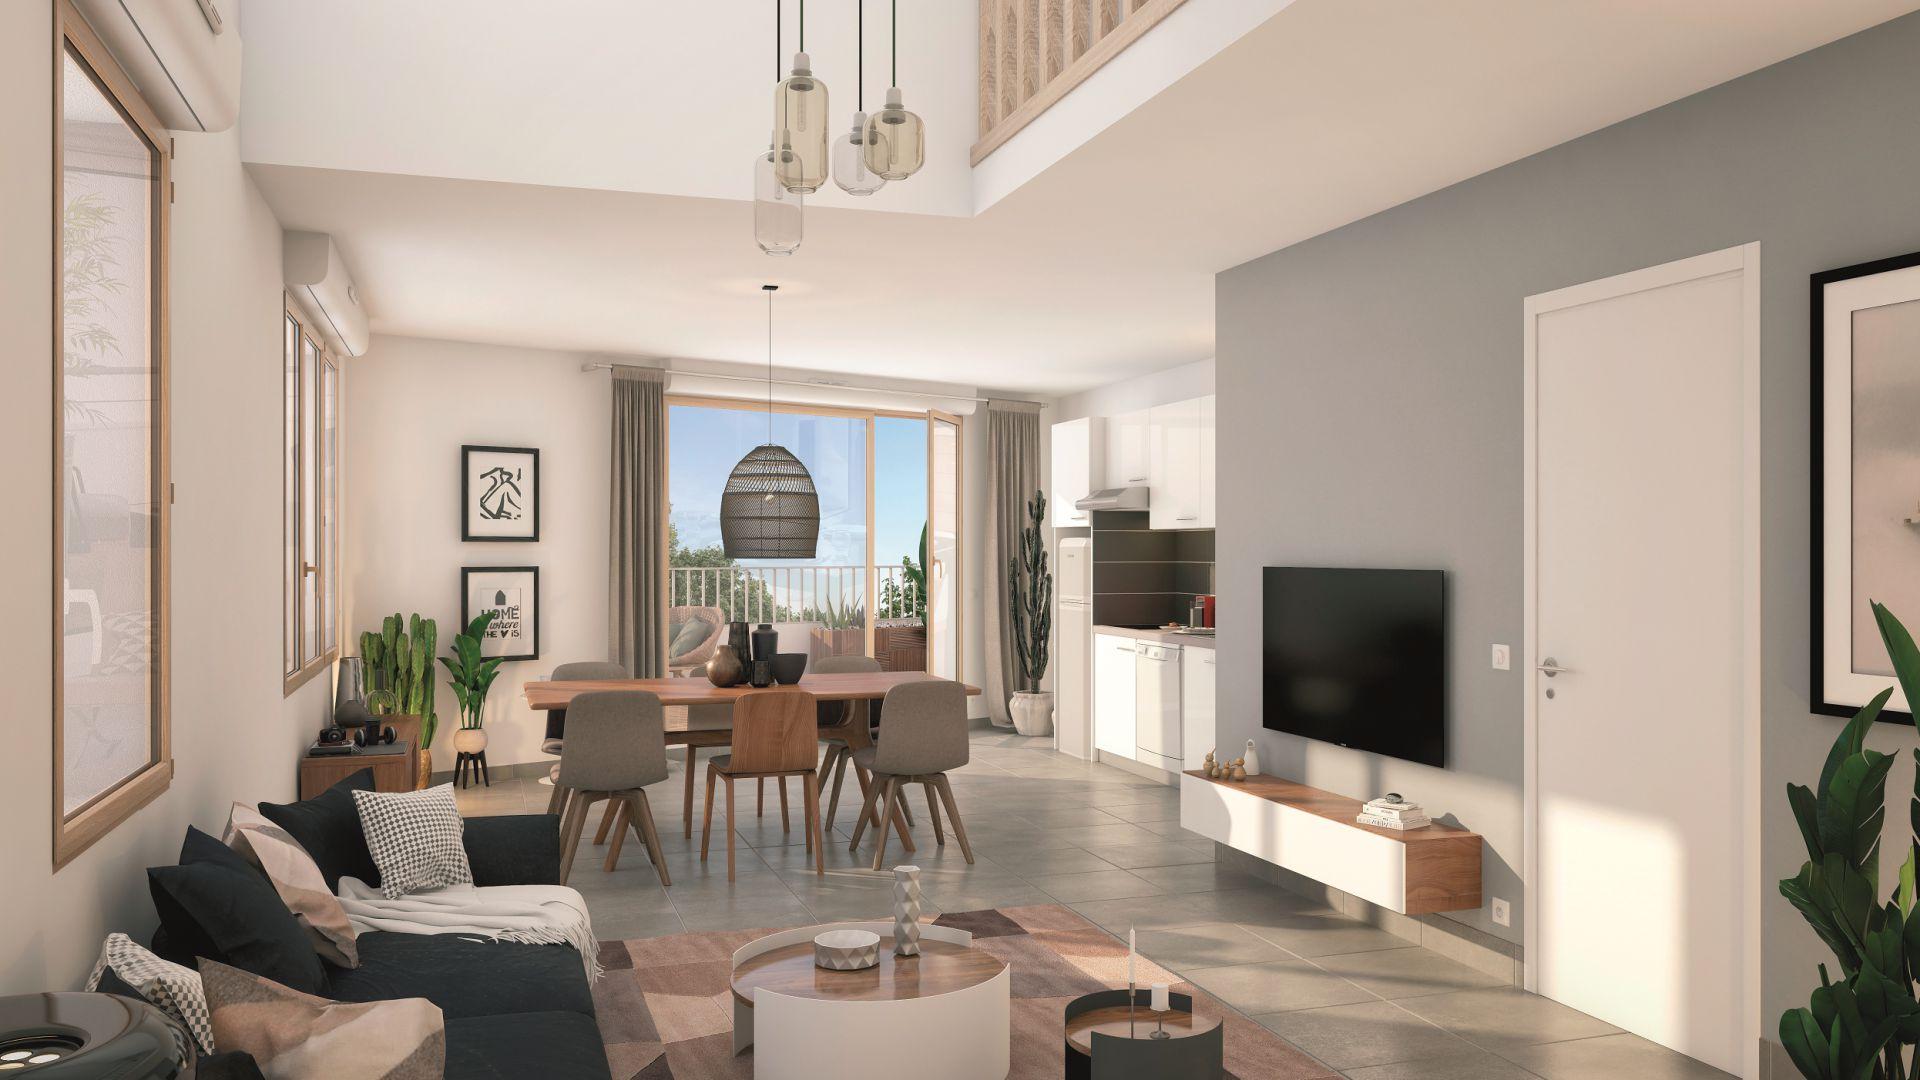 GreenCity Immobilier - Ecquevilly 78920 - Résidence Côté Parc - appartements neufs du T1 au T4 - vue intérieure